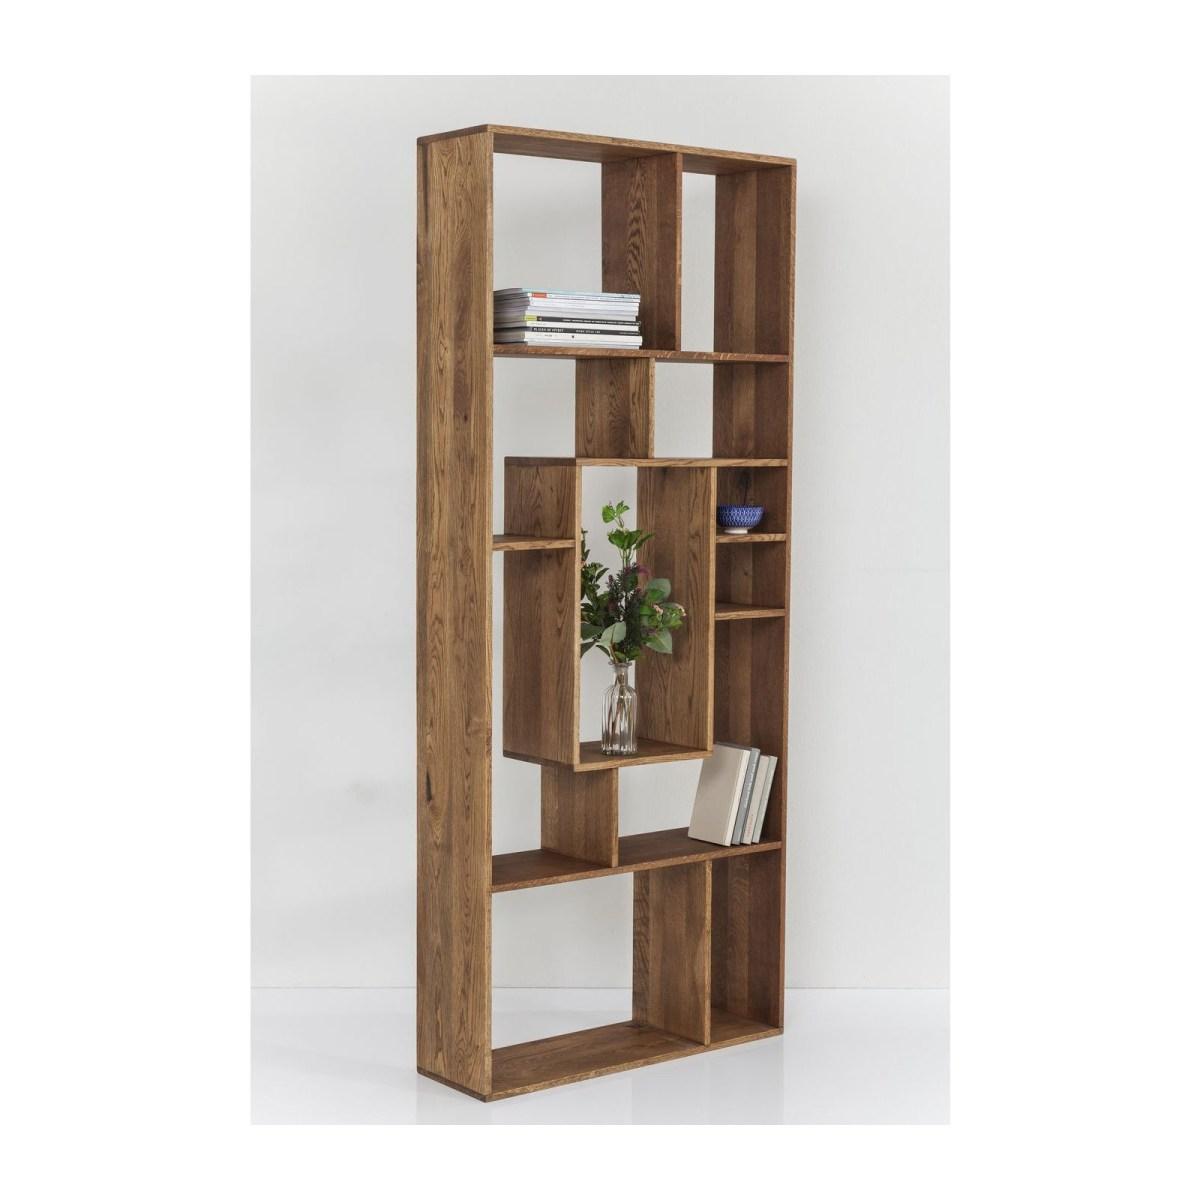 Soldes Kare Design Meuble > Étagère, Bibliothèque & Vitrine Etagère Attento Multitask Kare Design